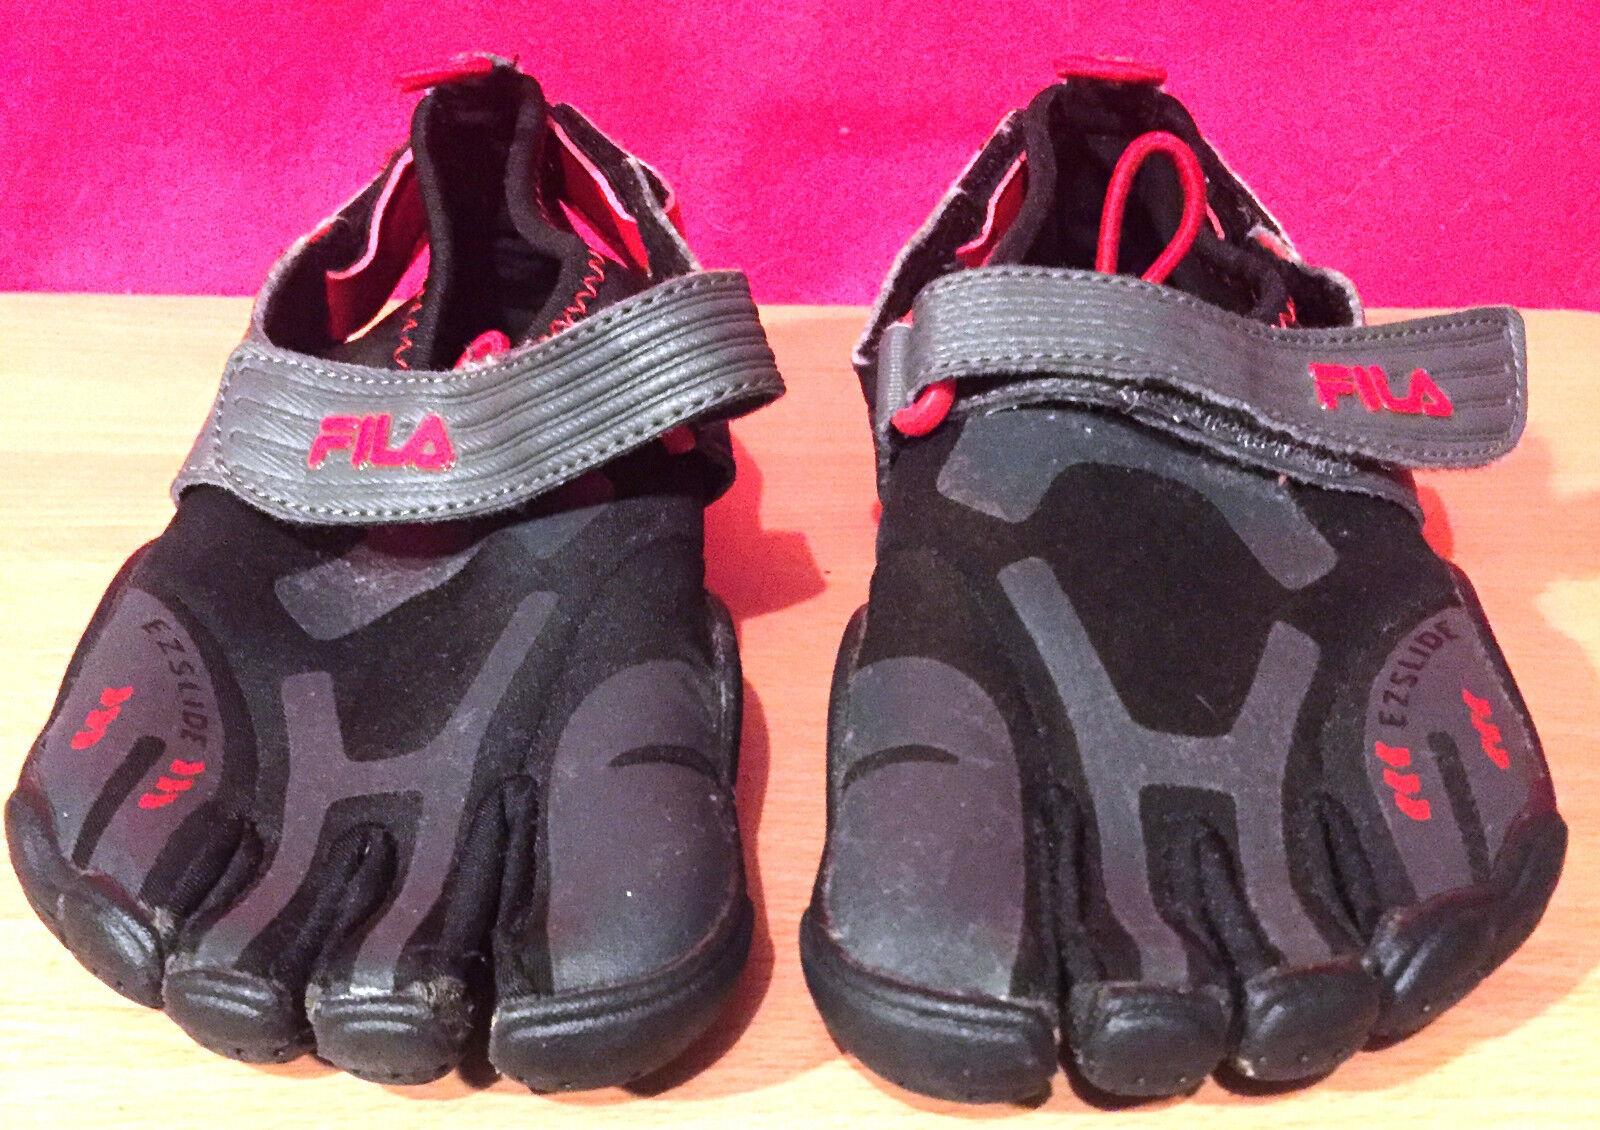 Fila Skele-Toes EZ Slide Shoes - US